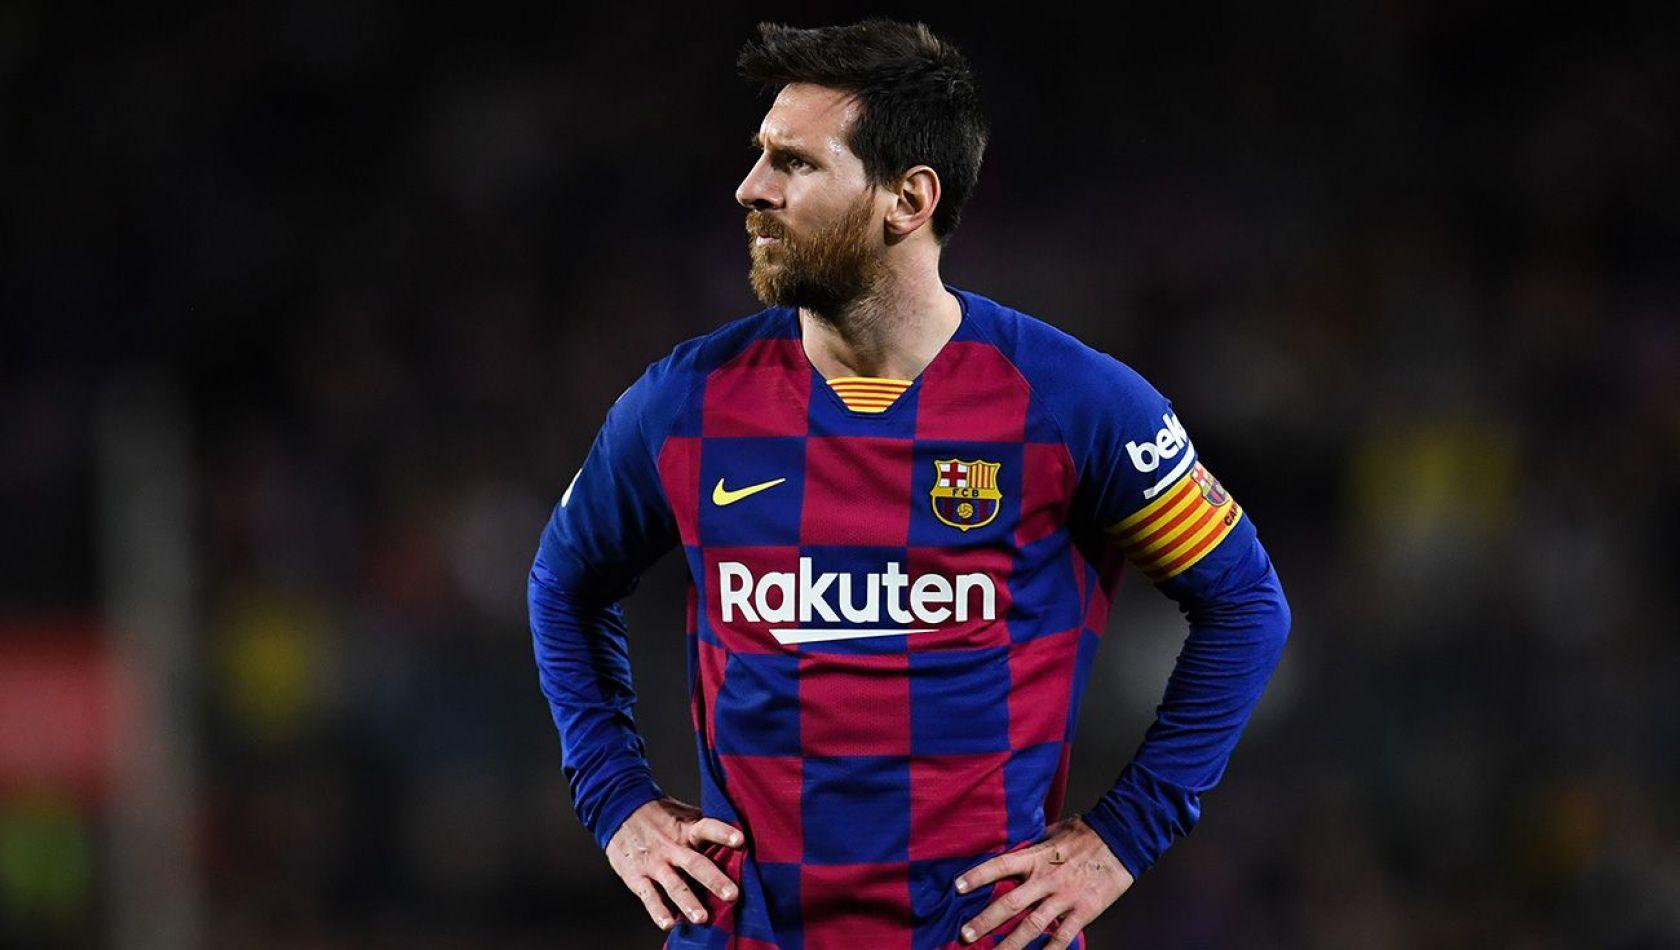 Forbes anunció que Messi fue el futbolista que más dinero embolsó en el 2020